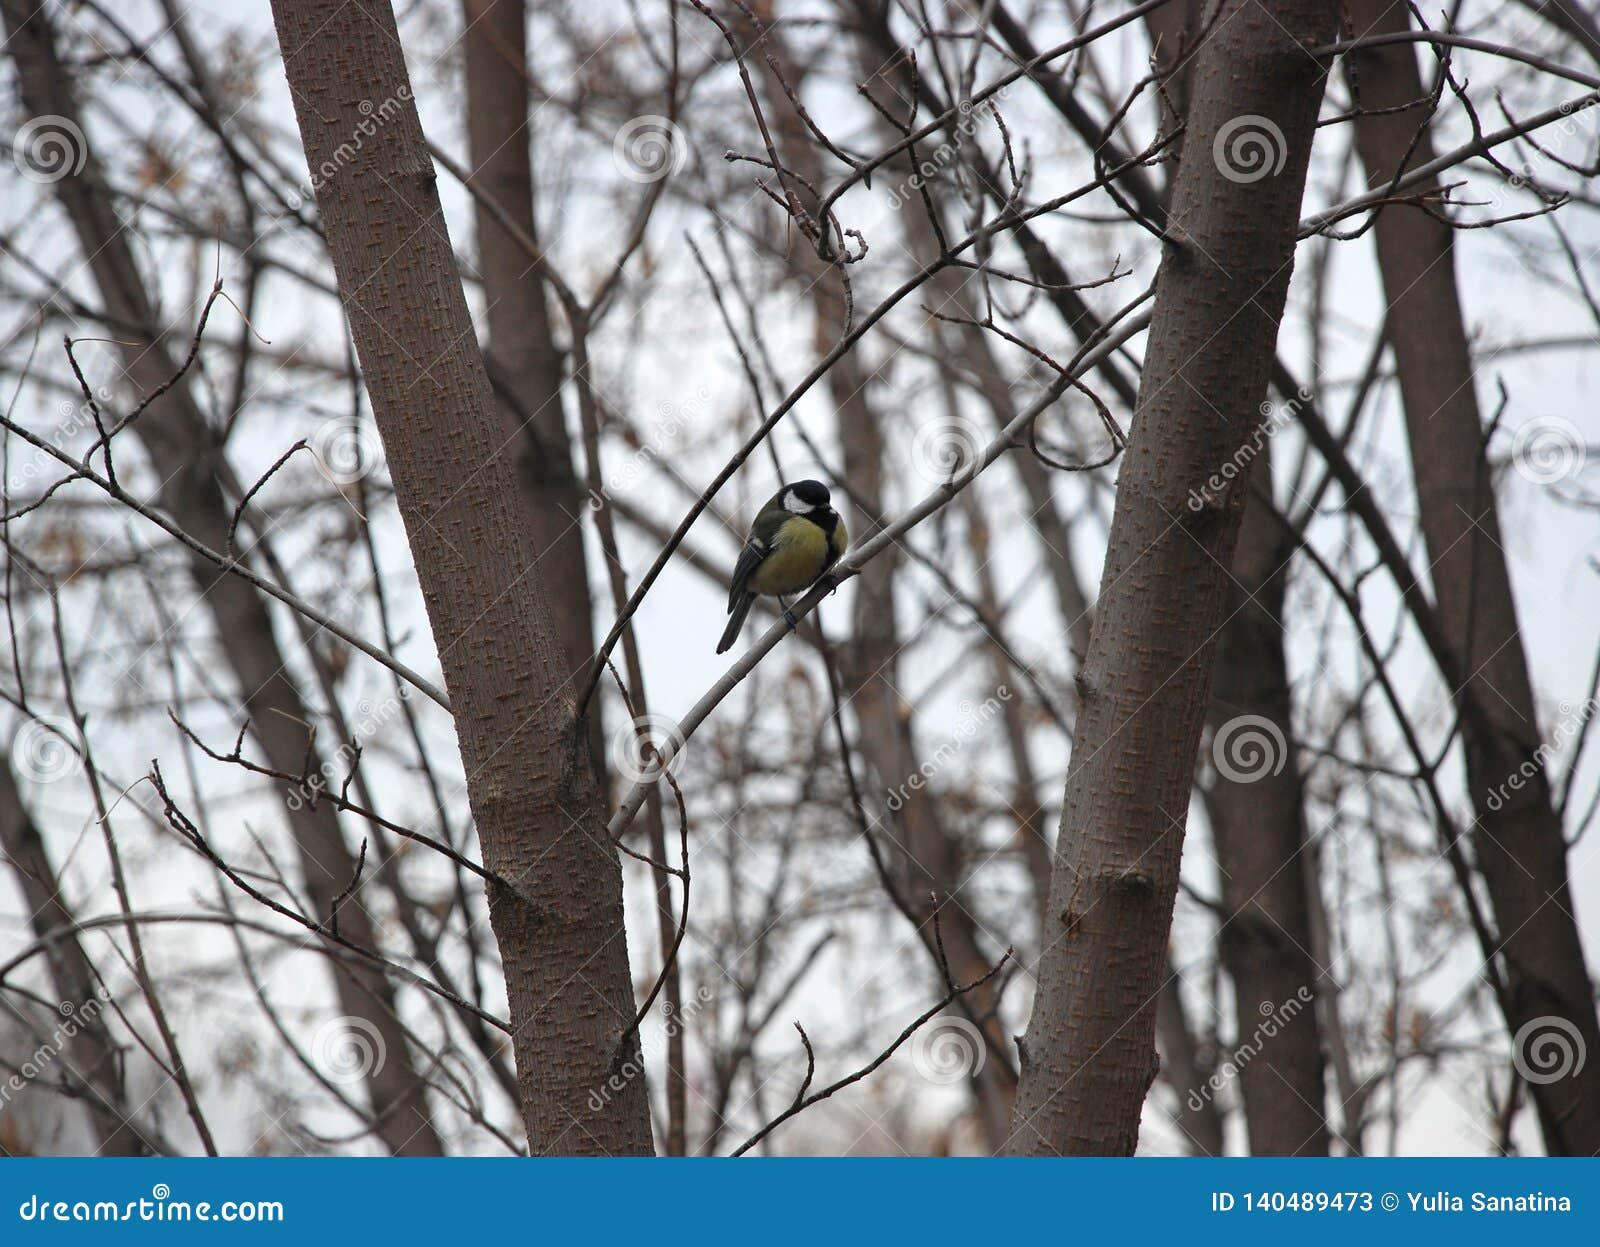 Den Tomtit fågeln sitter på filialen av trädet